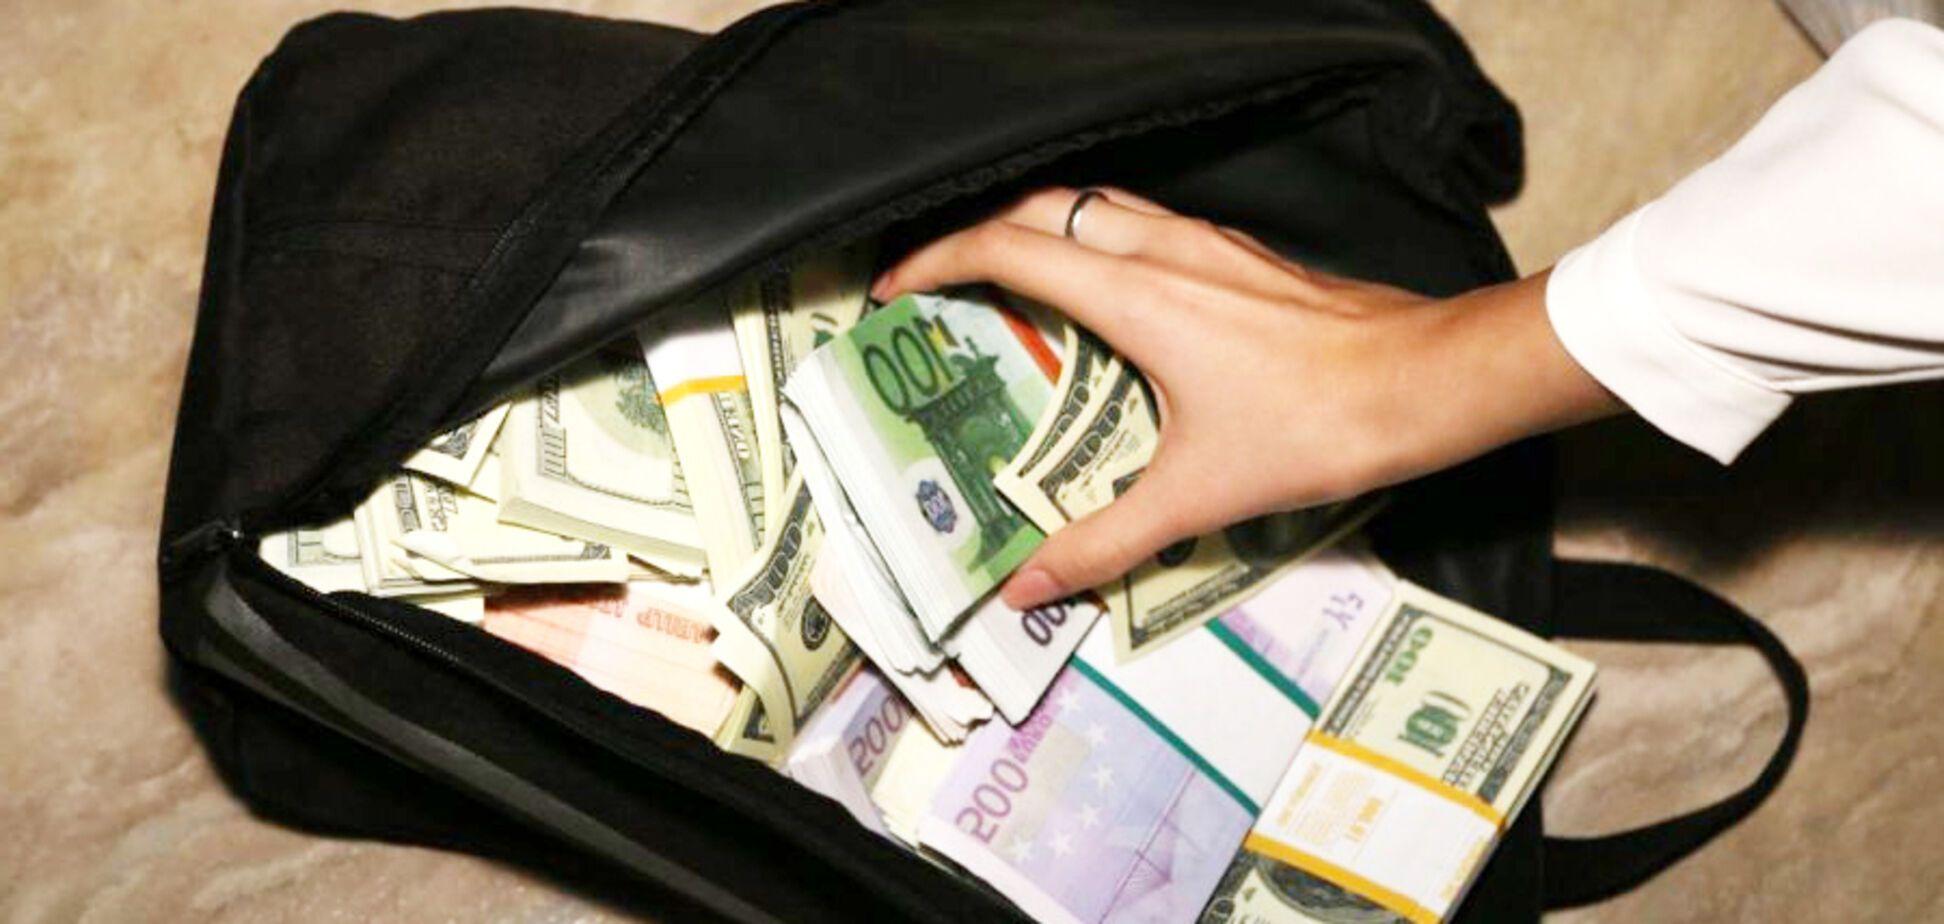 'Привозять у валізах': волонтер розповів, хто фінансує 'ЛДНР'